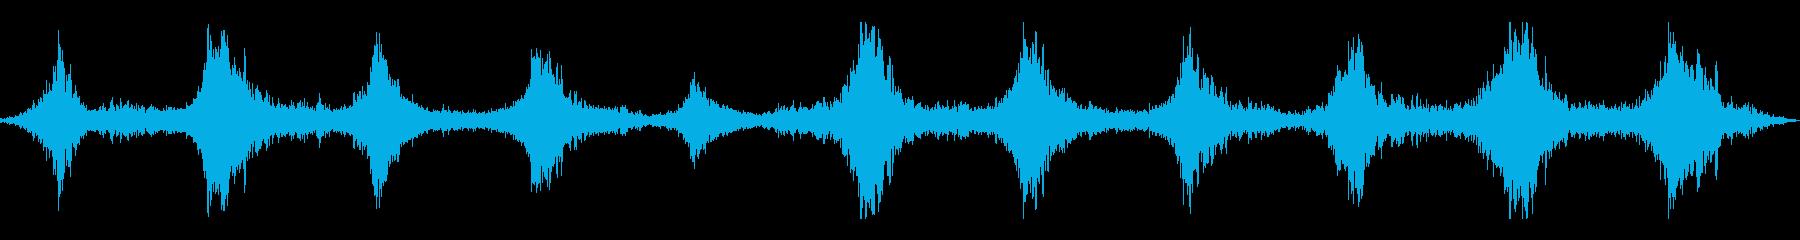 タービン大型遠心分離機スロースピン...の再生済みの波形